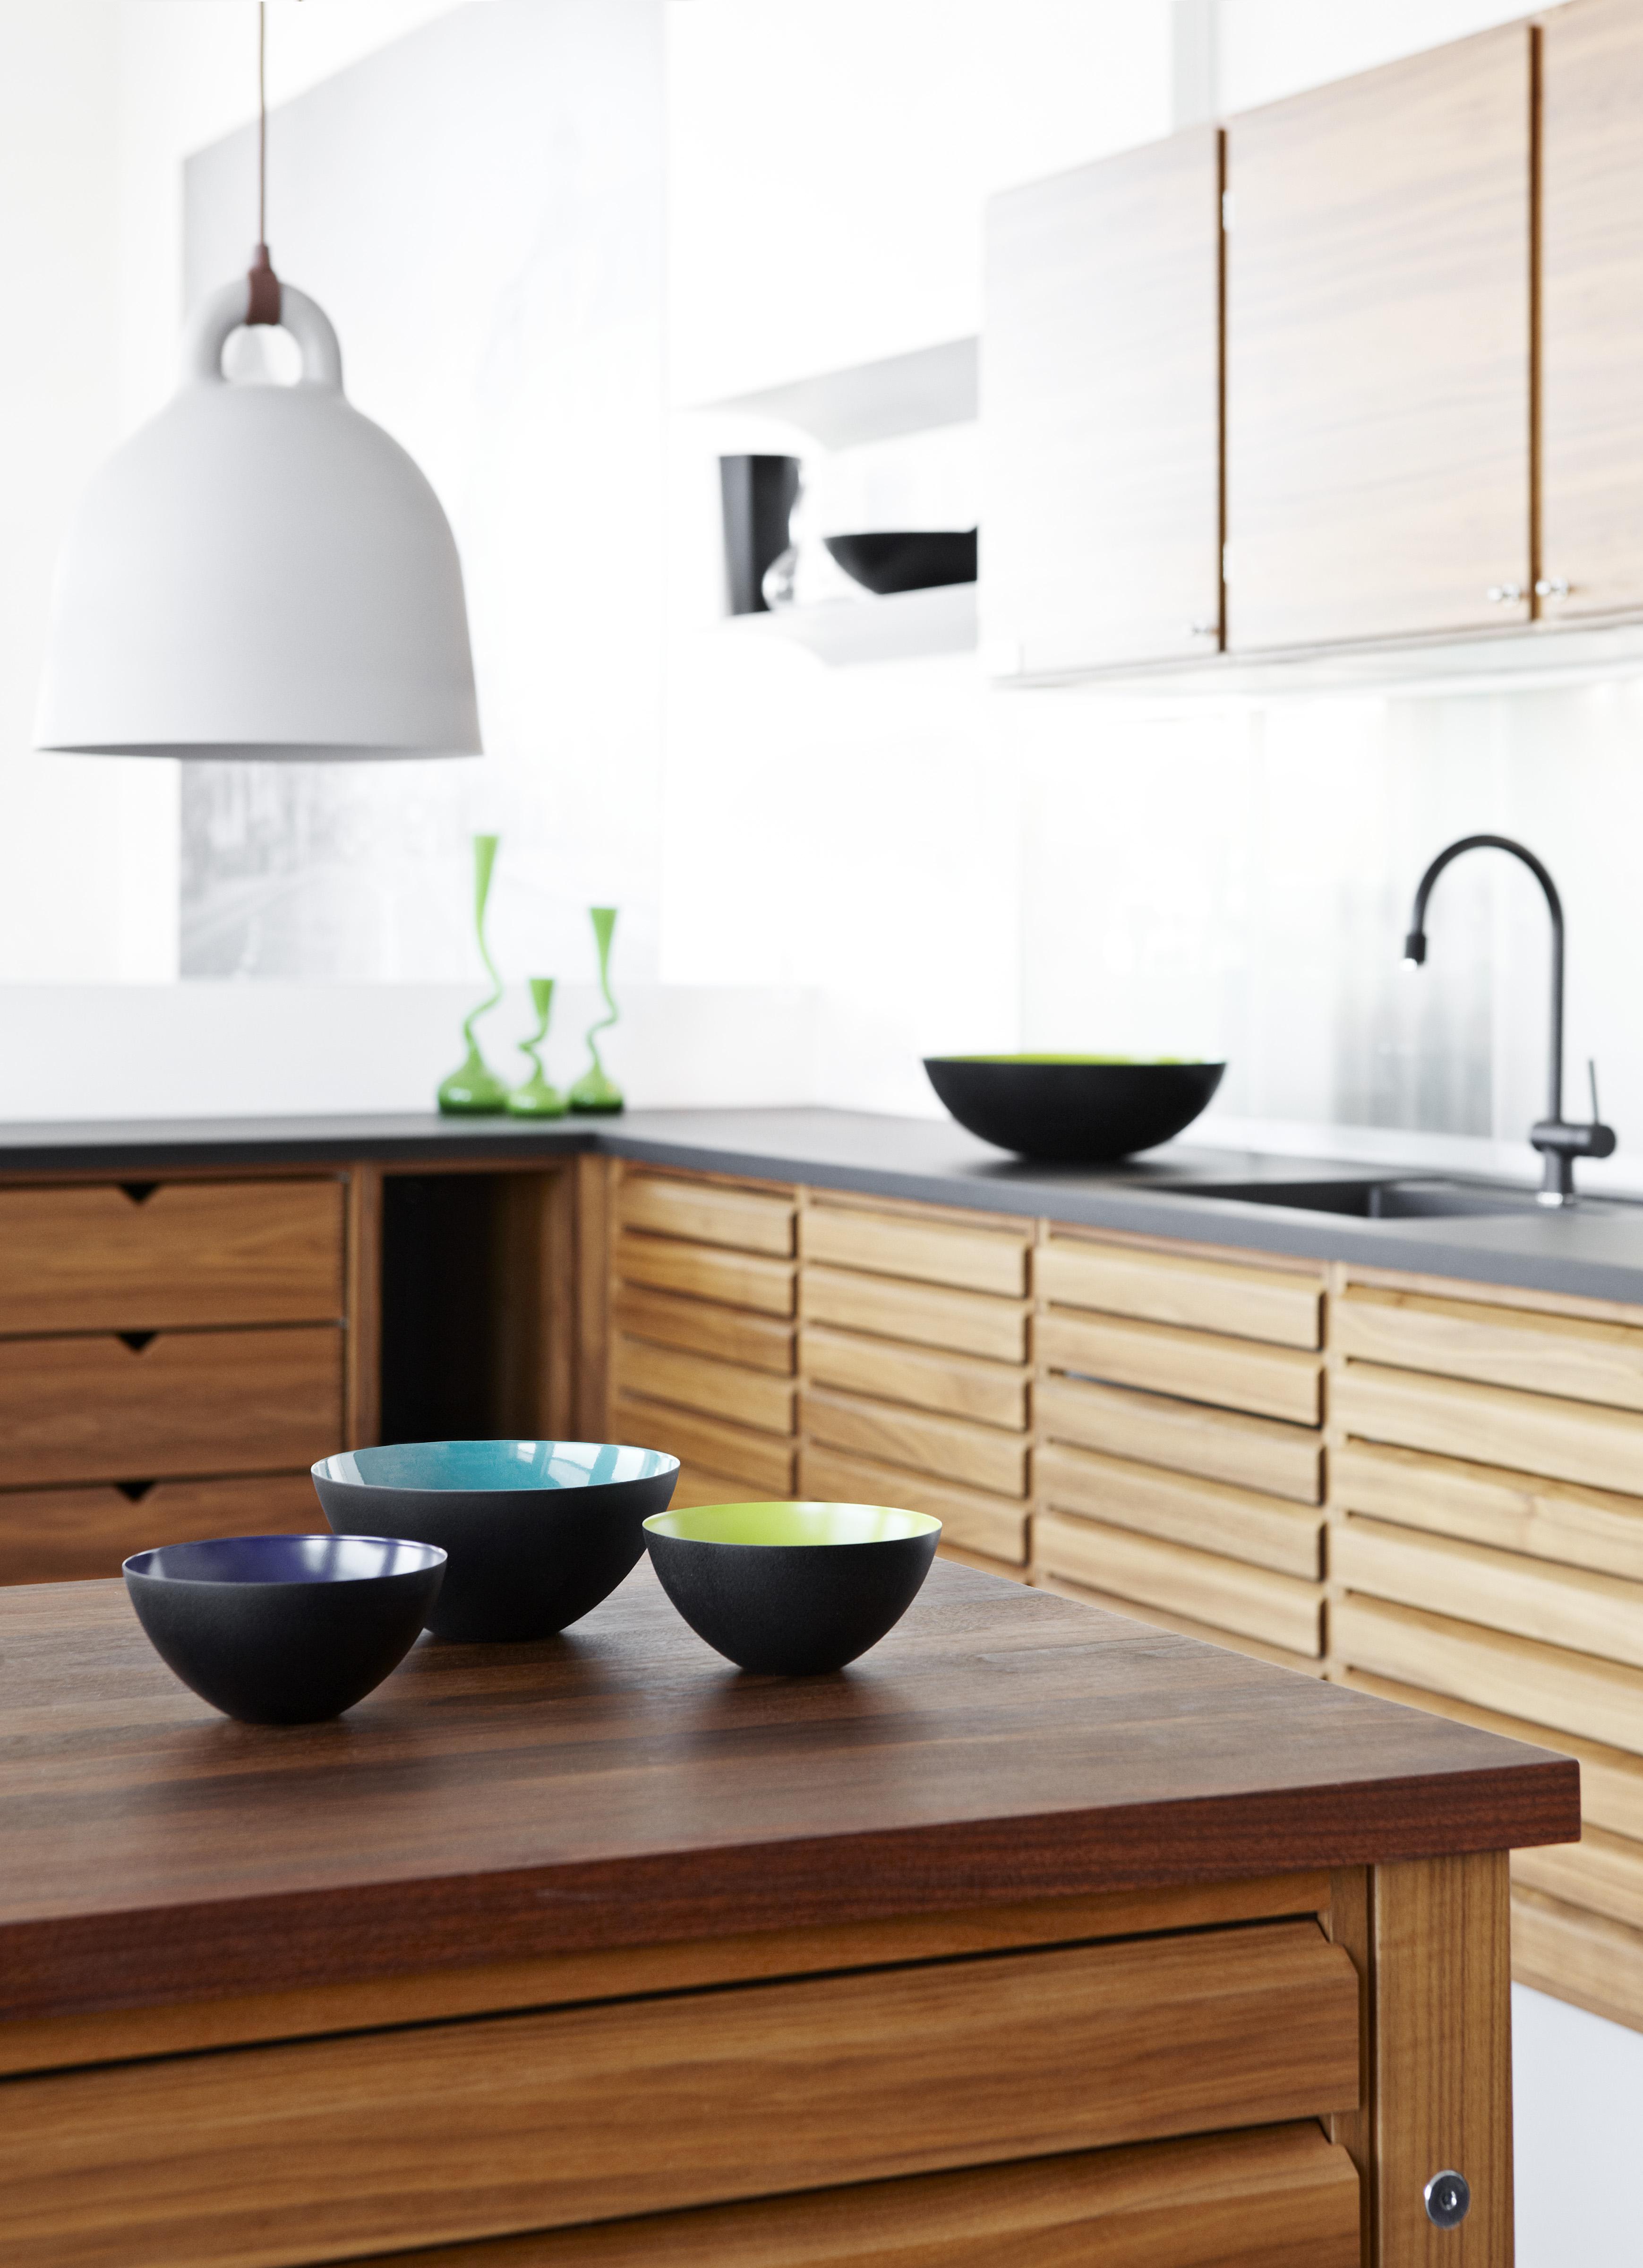 Modernin kodin selkeä, kauniin pelkistetty ilme toistuu keittiön kalusteista